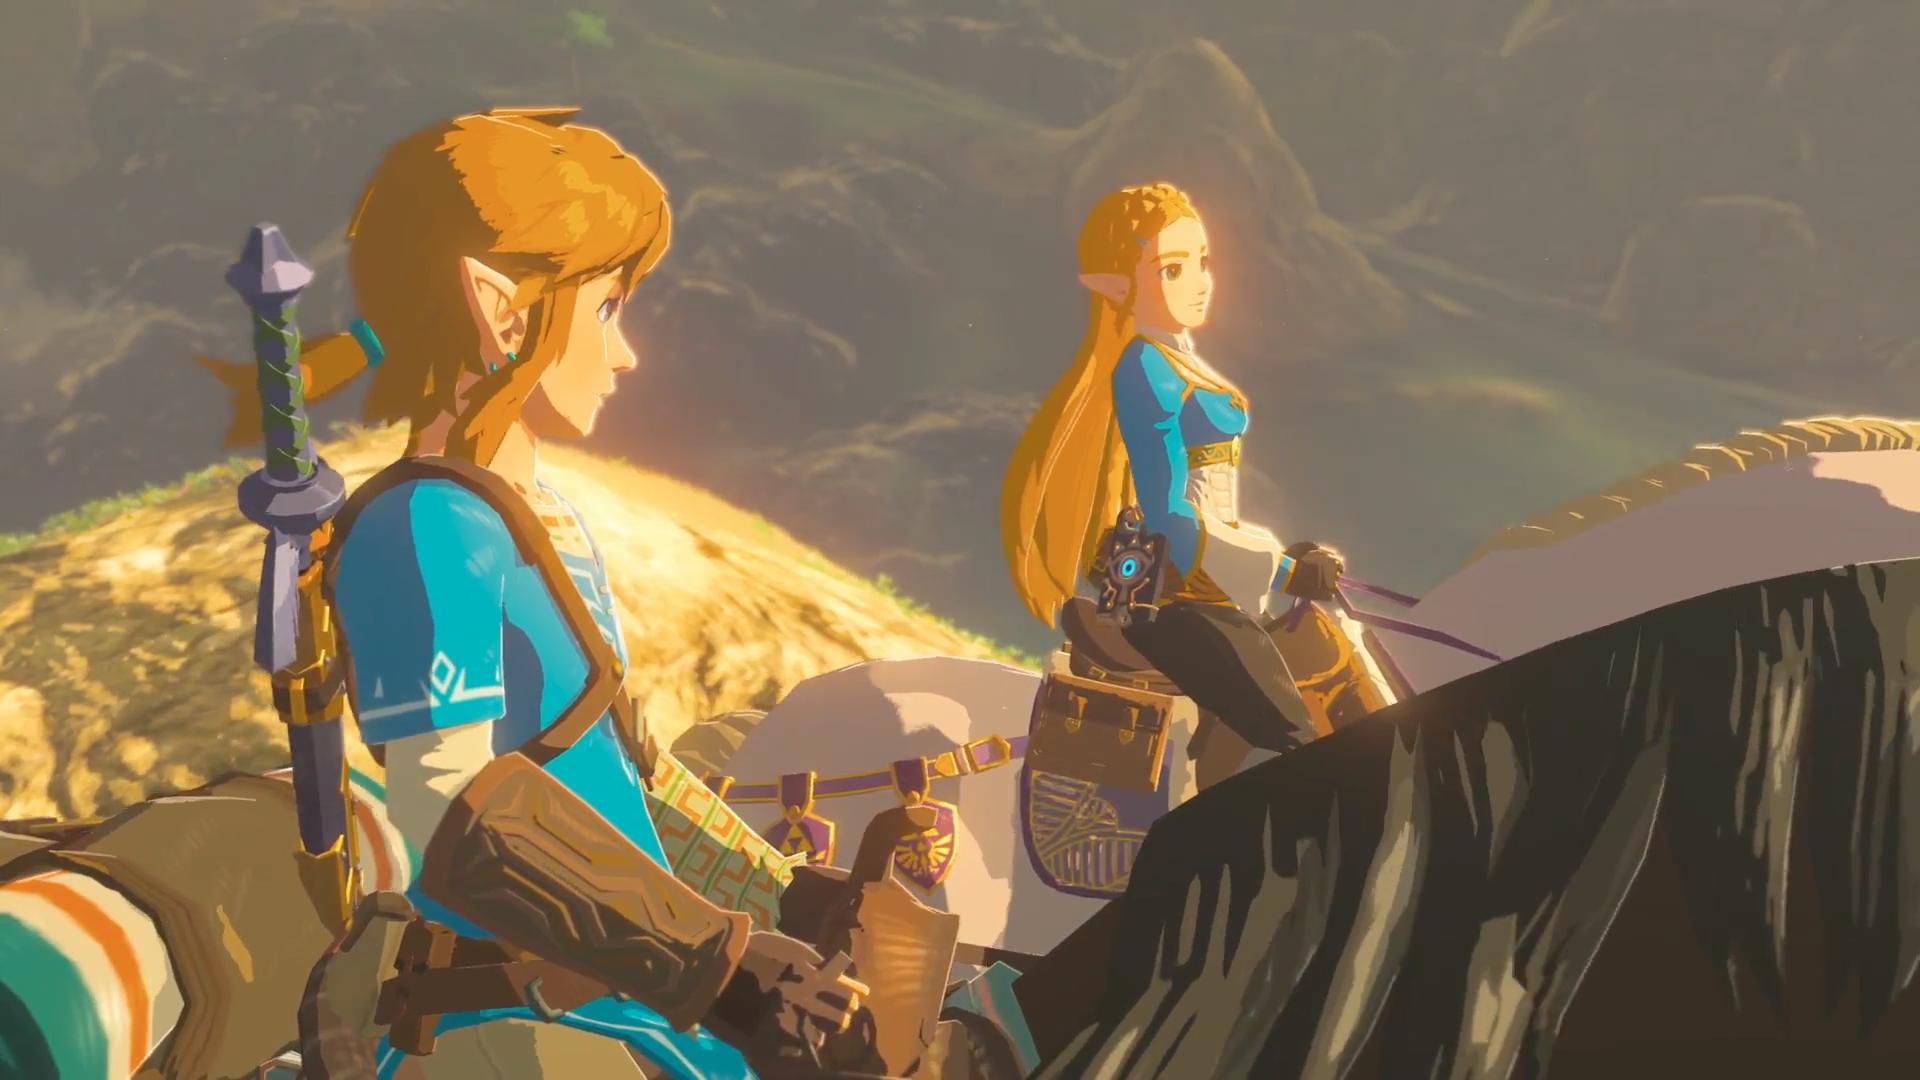 BotW_Link_and_Zelda_Horseback.png